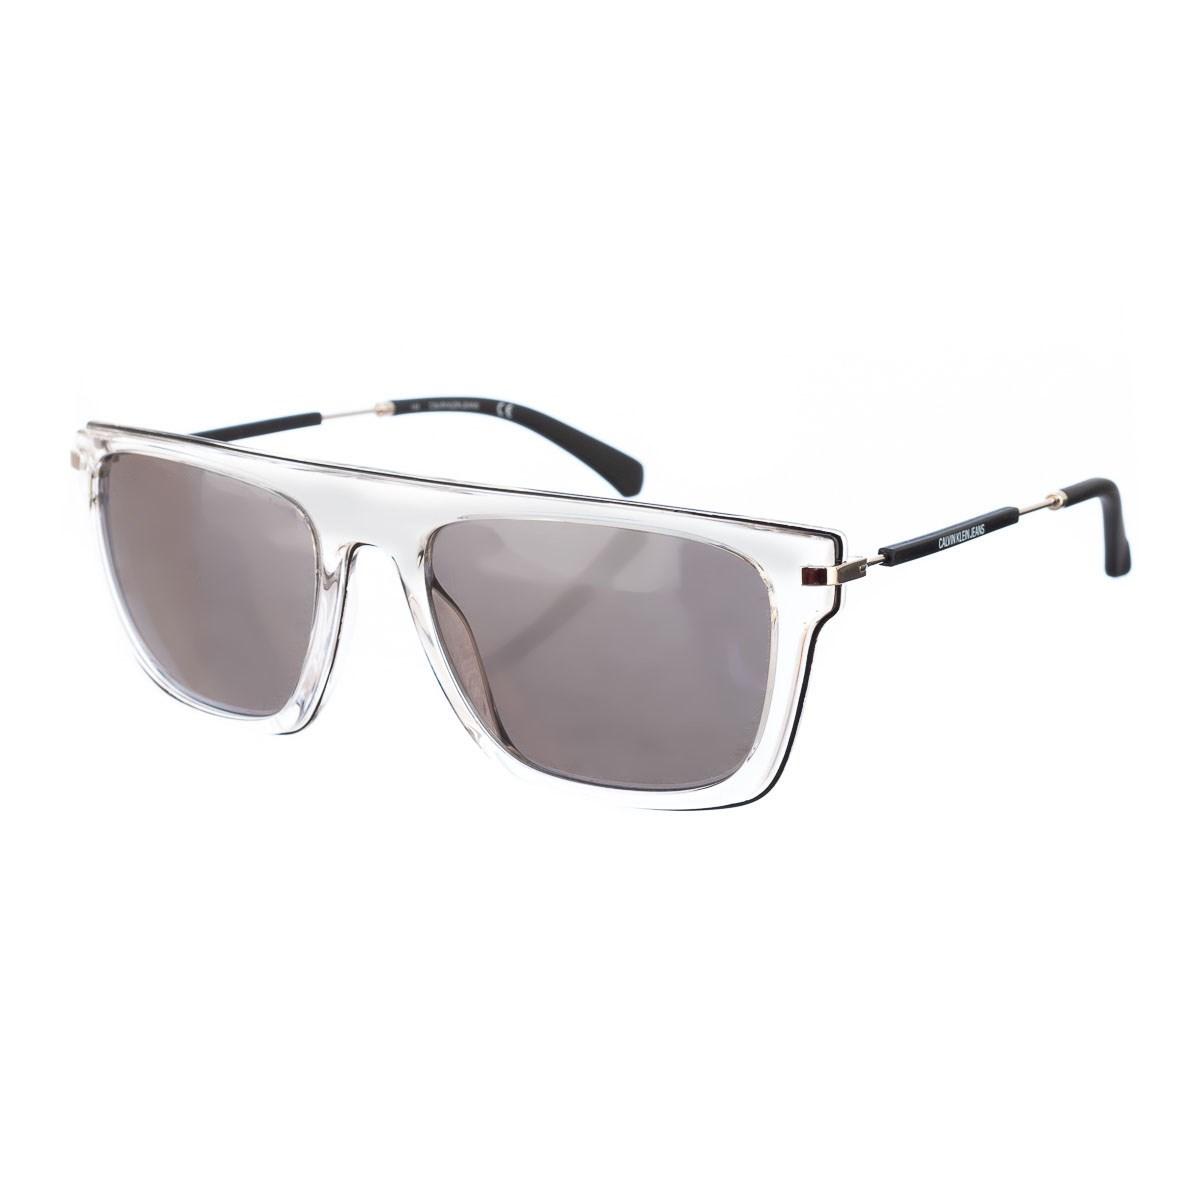 Gafas de sol calvin klein ckj19705s-001